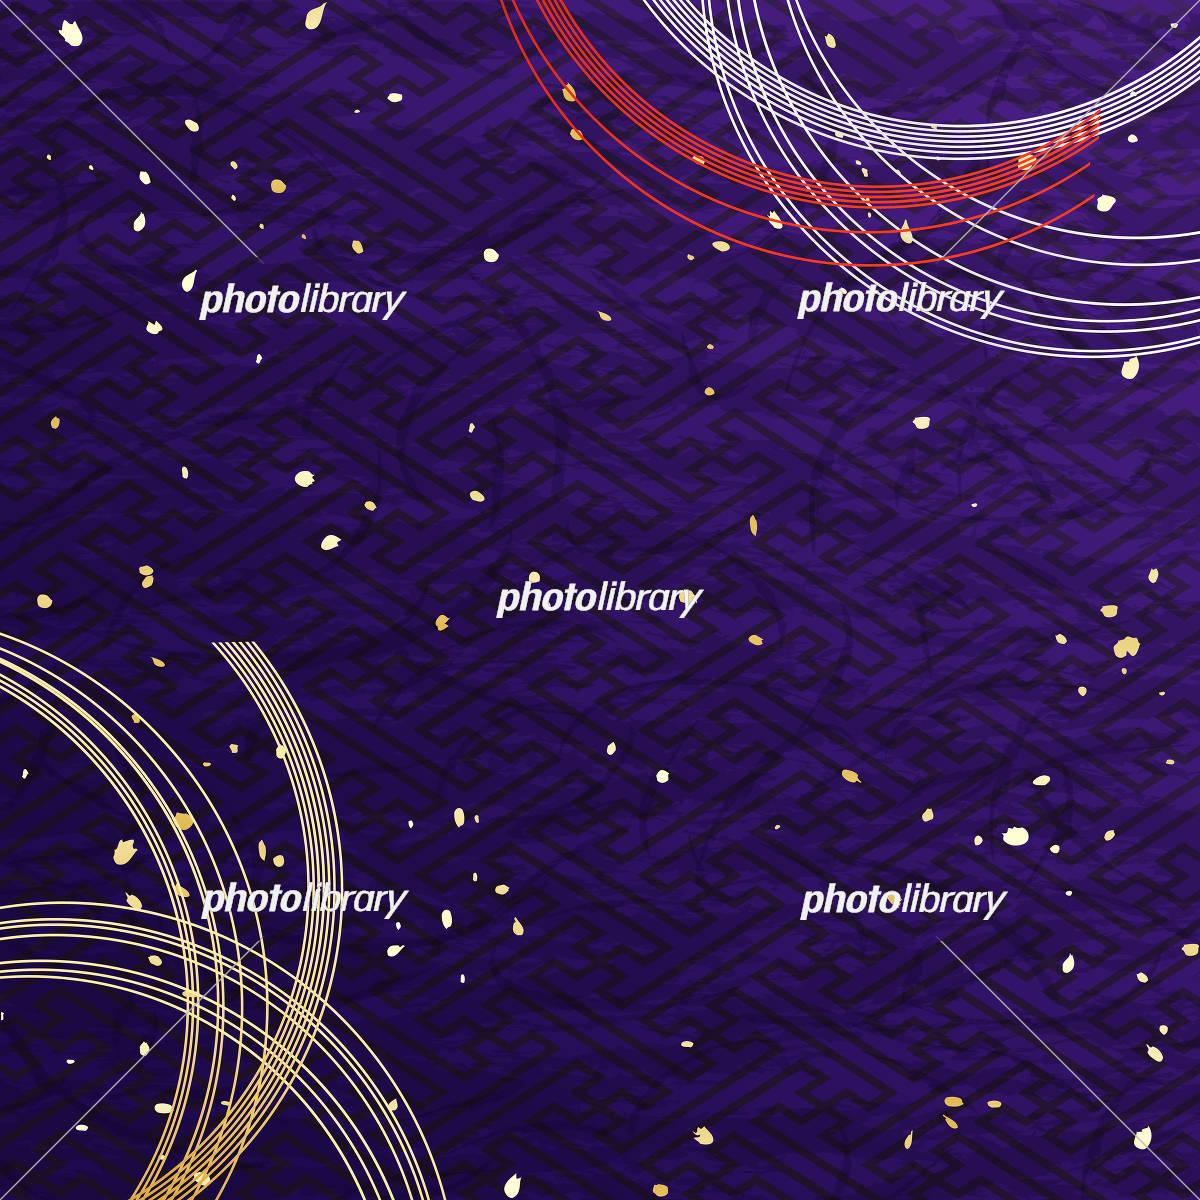 紫色の和風背景 水引 イラスト素材 6102912 フォトライブラリー Photolibrary